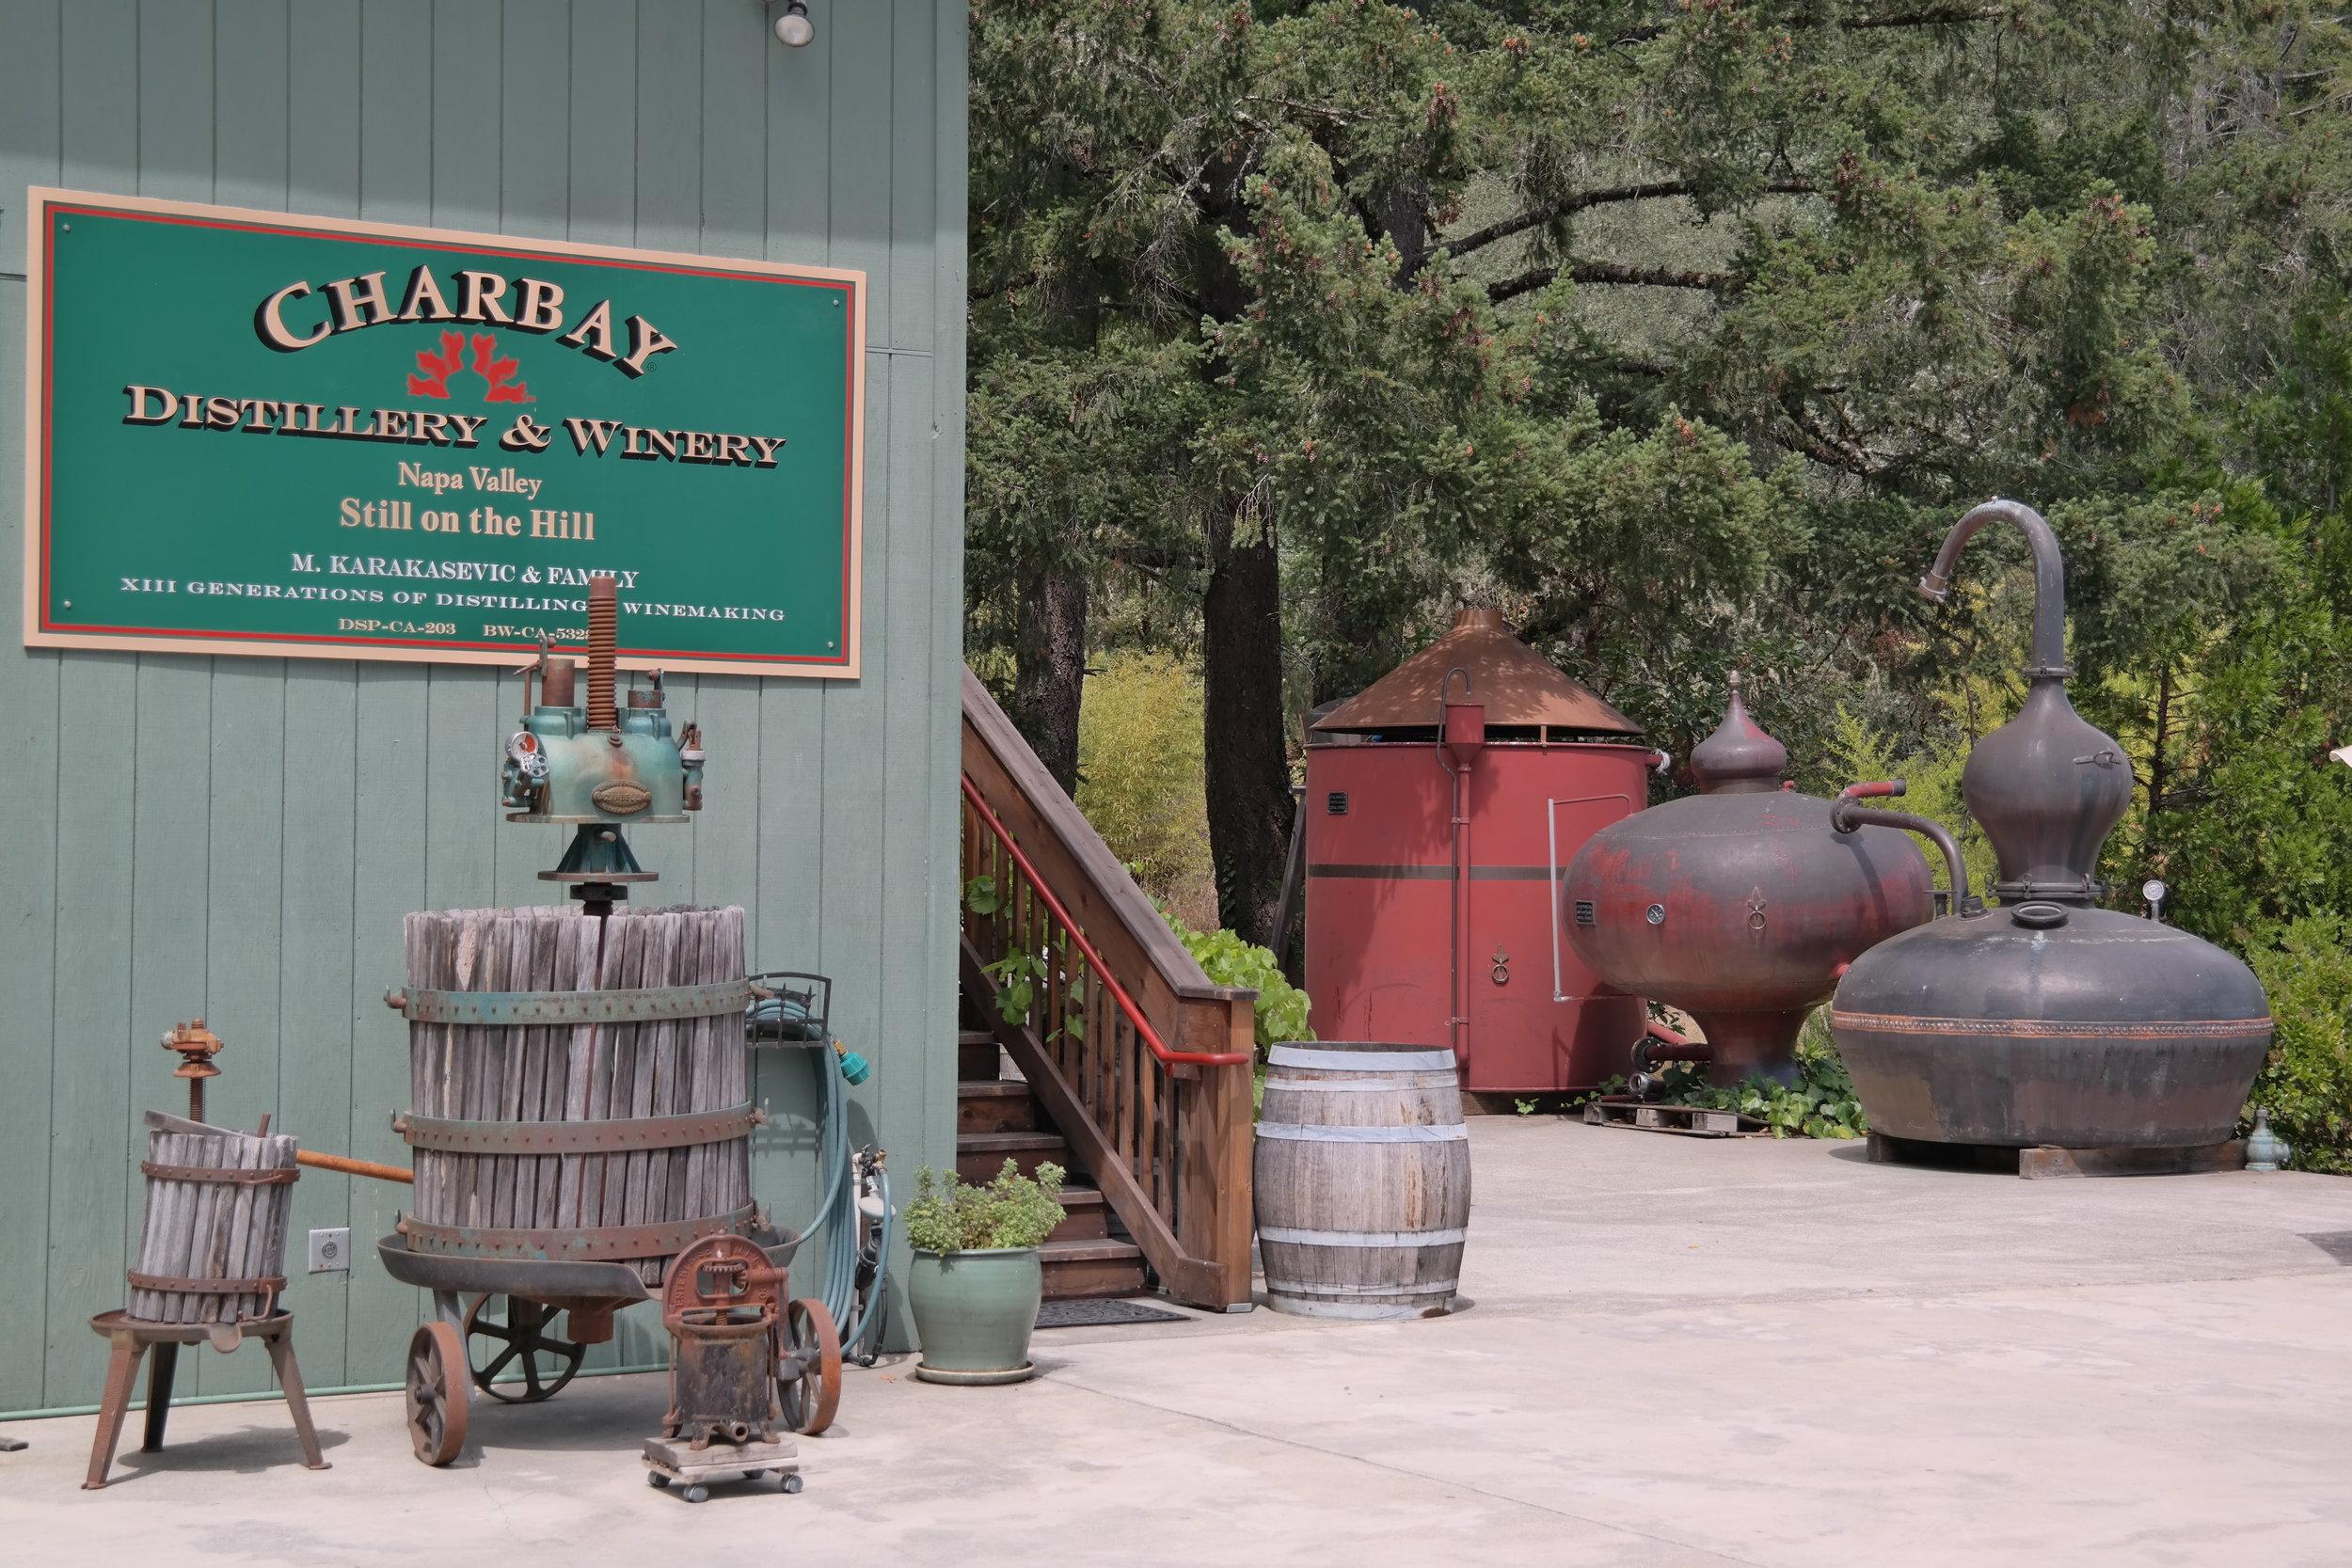 Charbay Distillery Napa